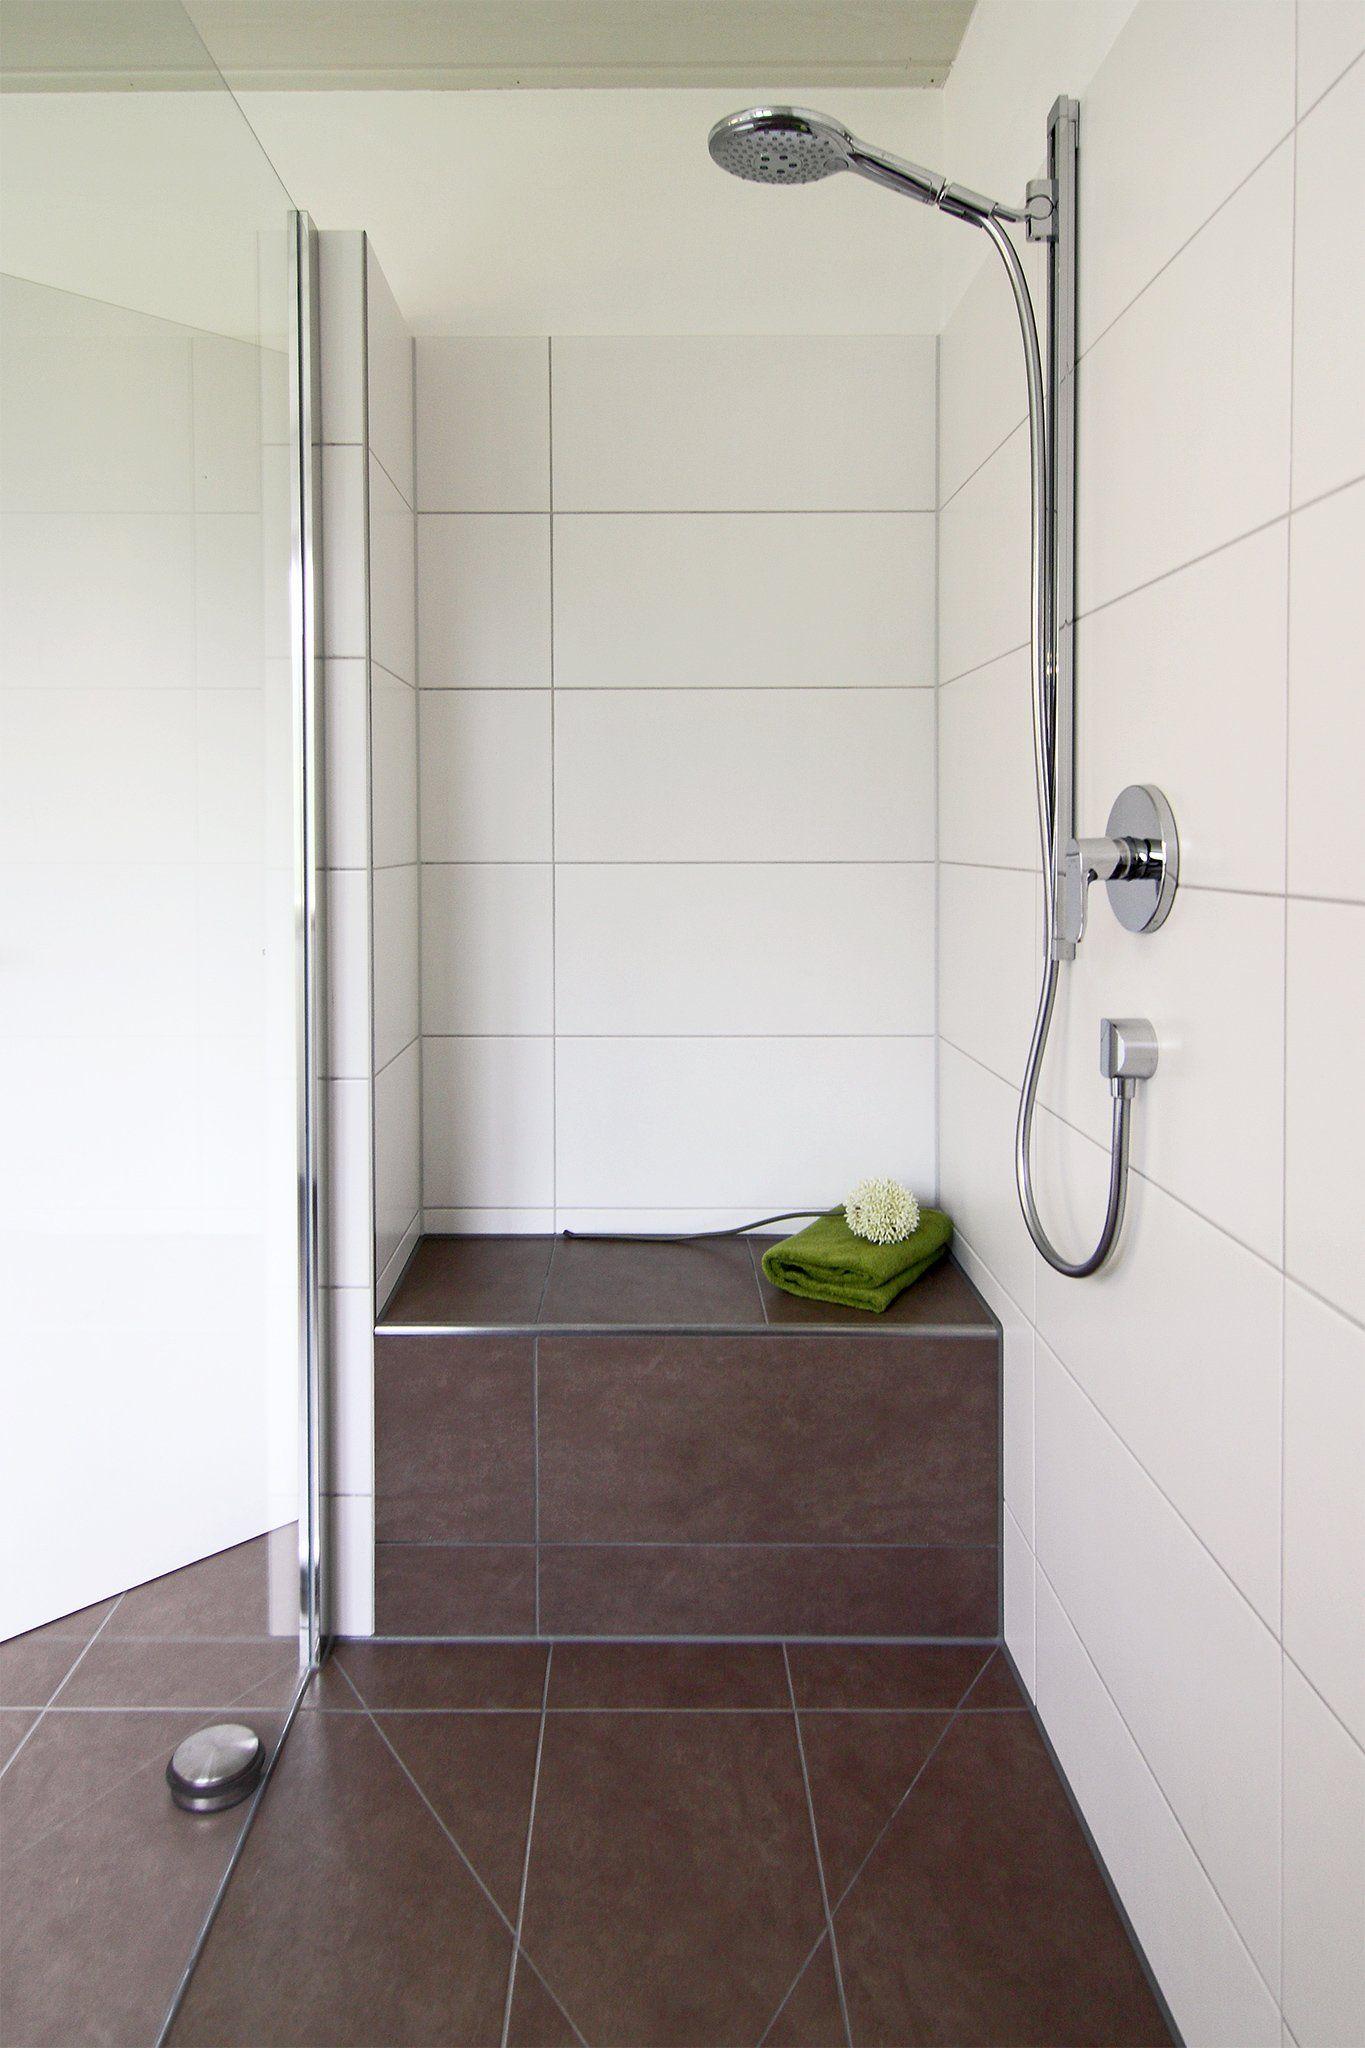 Full Size of Dusche Einbauen Bodengleiche Duschen Walkin Eckeinstieg Bodengleich Unterputz Armatur Behindertengerechte Haltegriff Wand Glaswand Abfluss 80x80 Nischentür Dusche Walkin Dusche